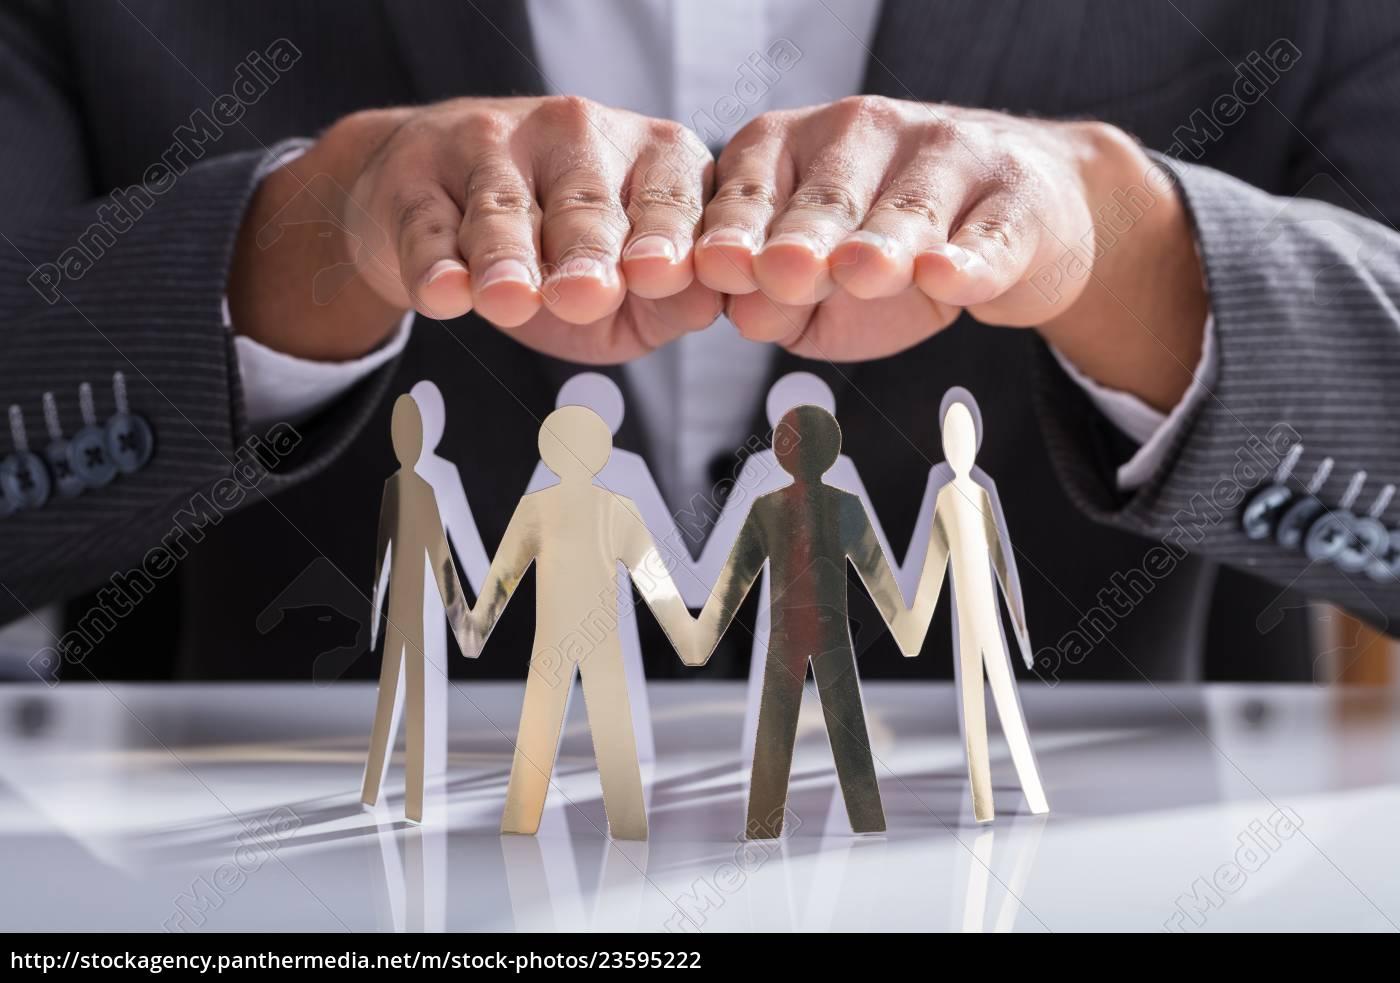 empresário, protegendo, figuras, de, corte - 23595222